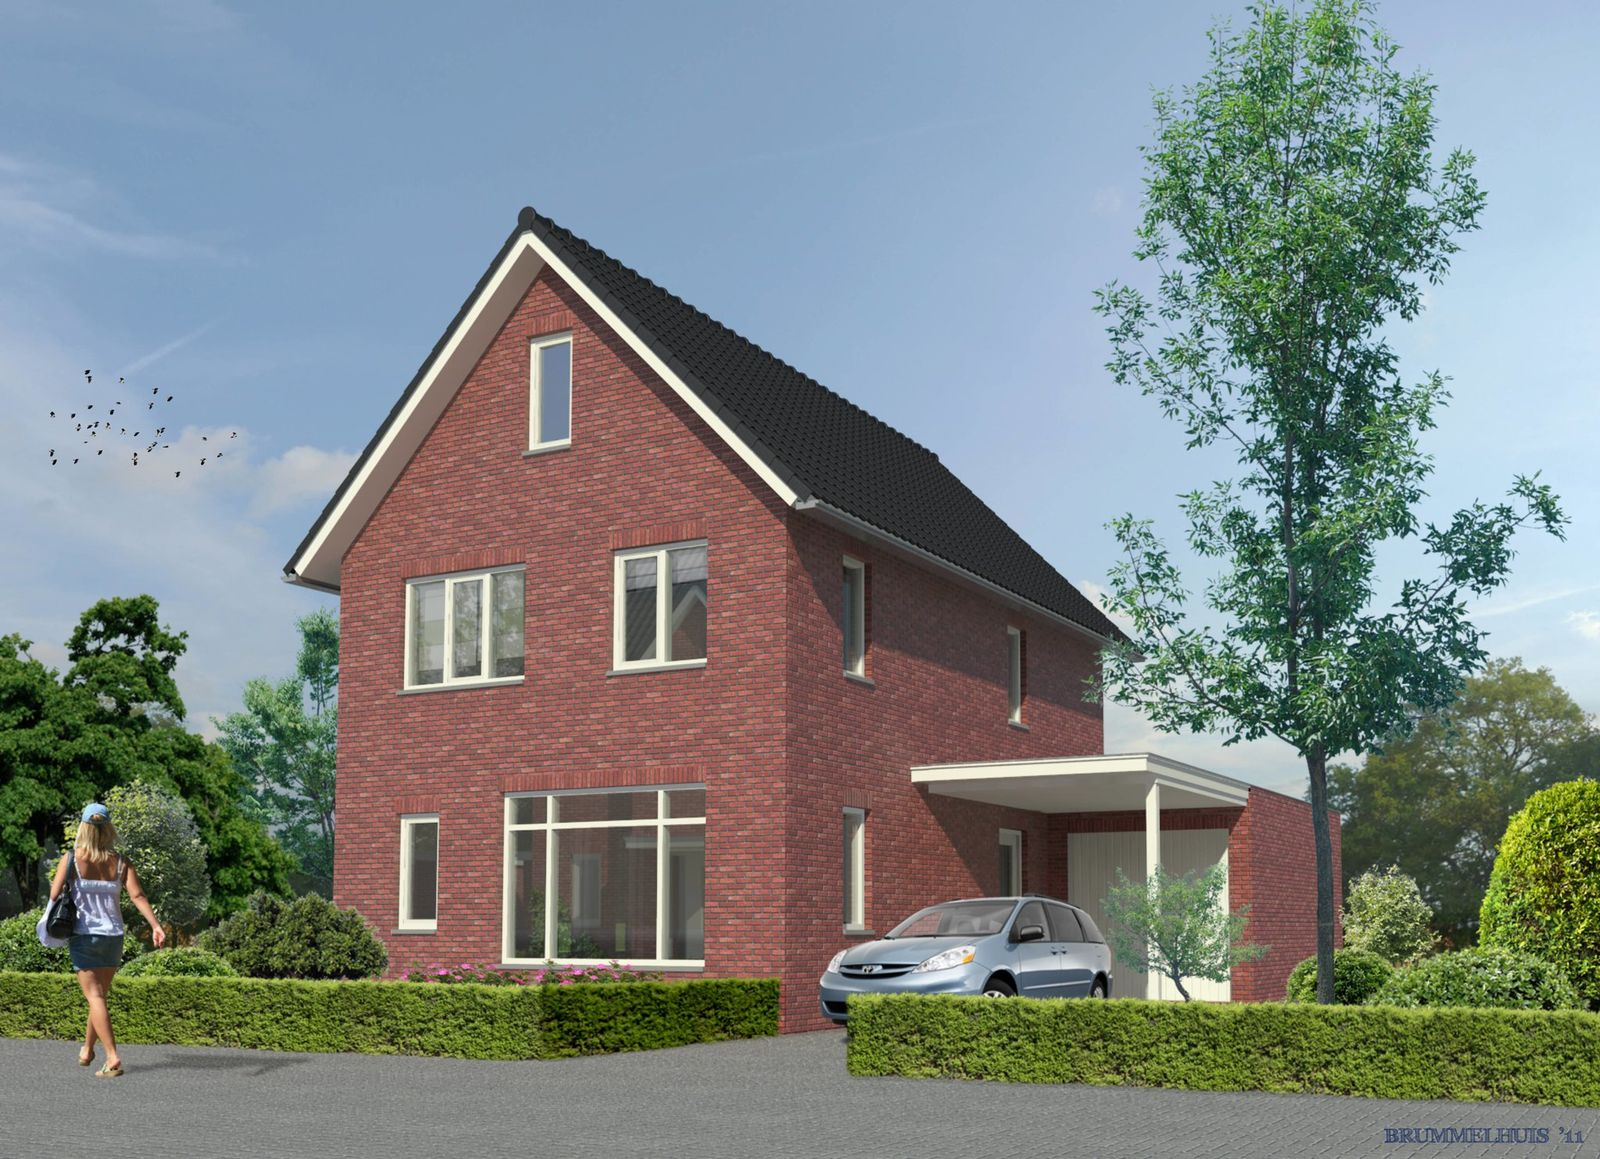 Brouwhuis 0-ong, Winschoten